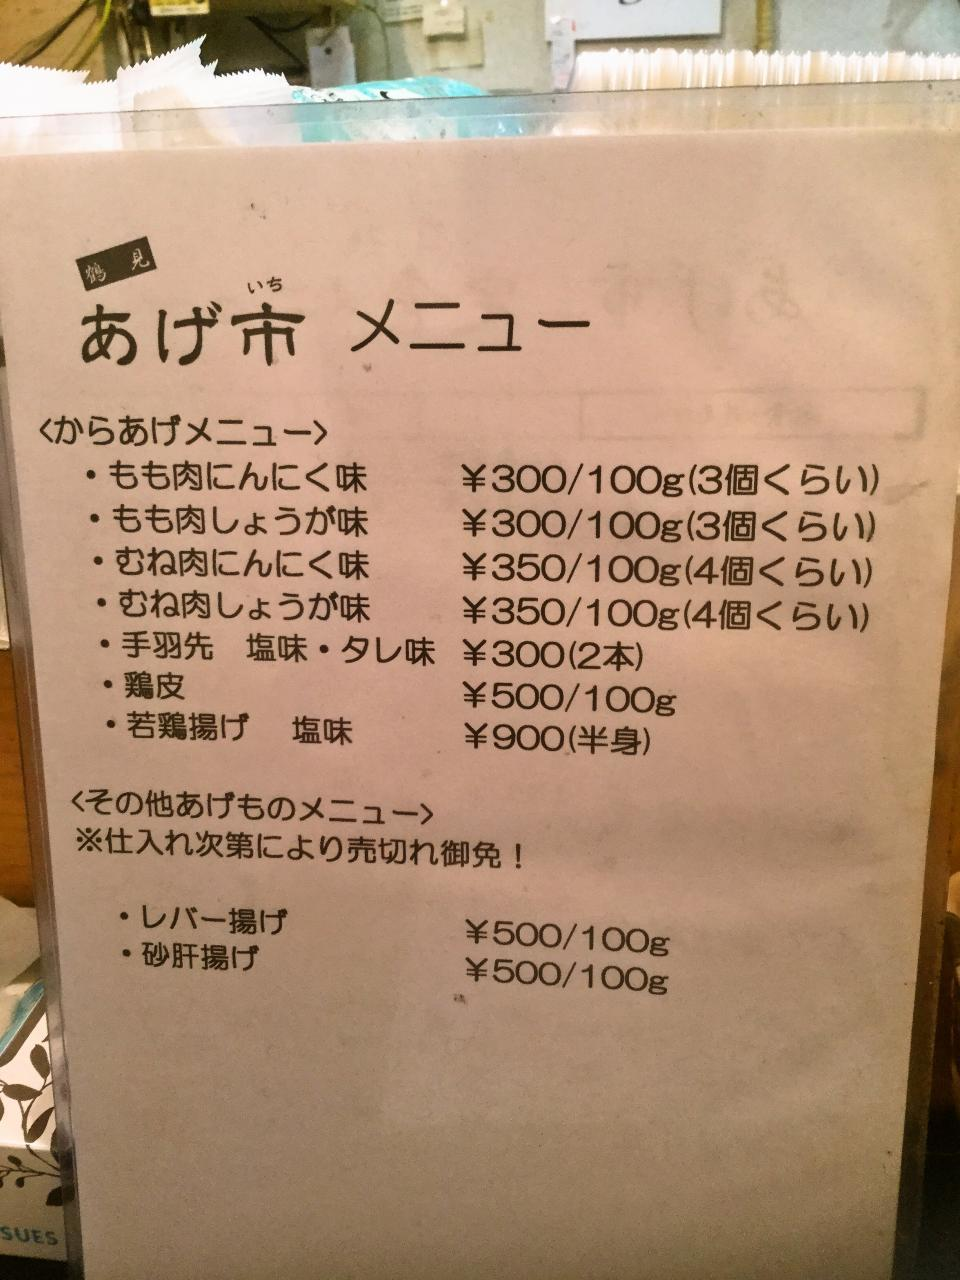 あげ市 鶴見店(メニュー)